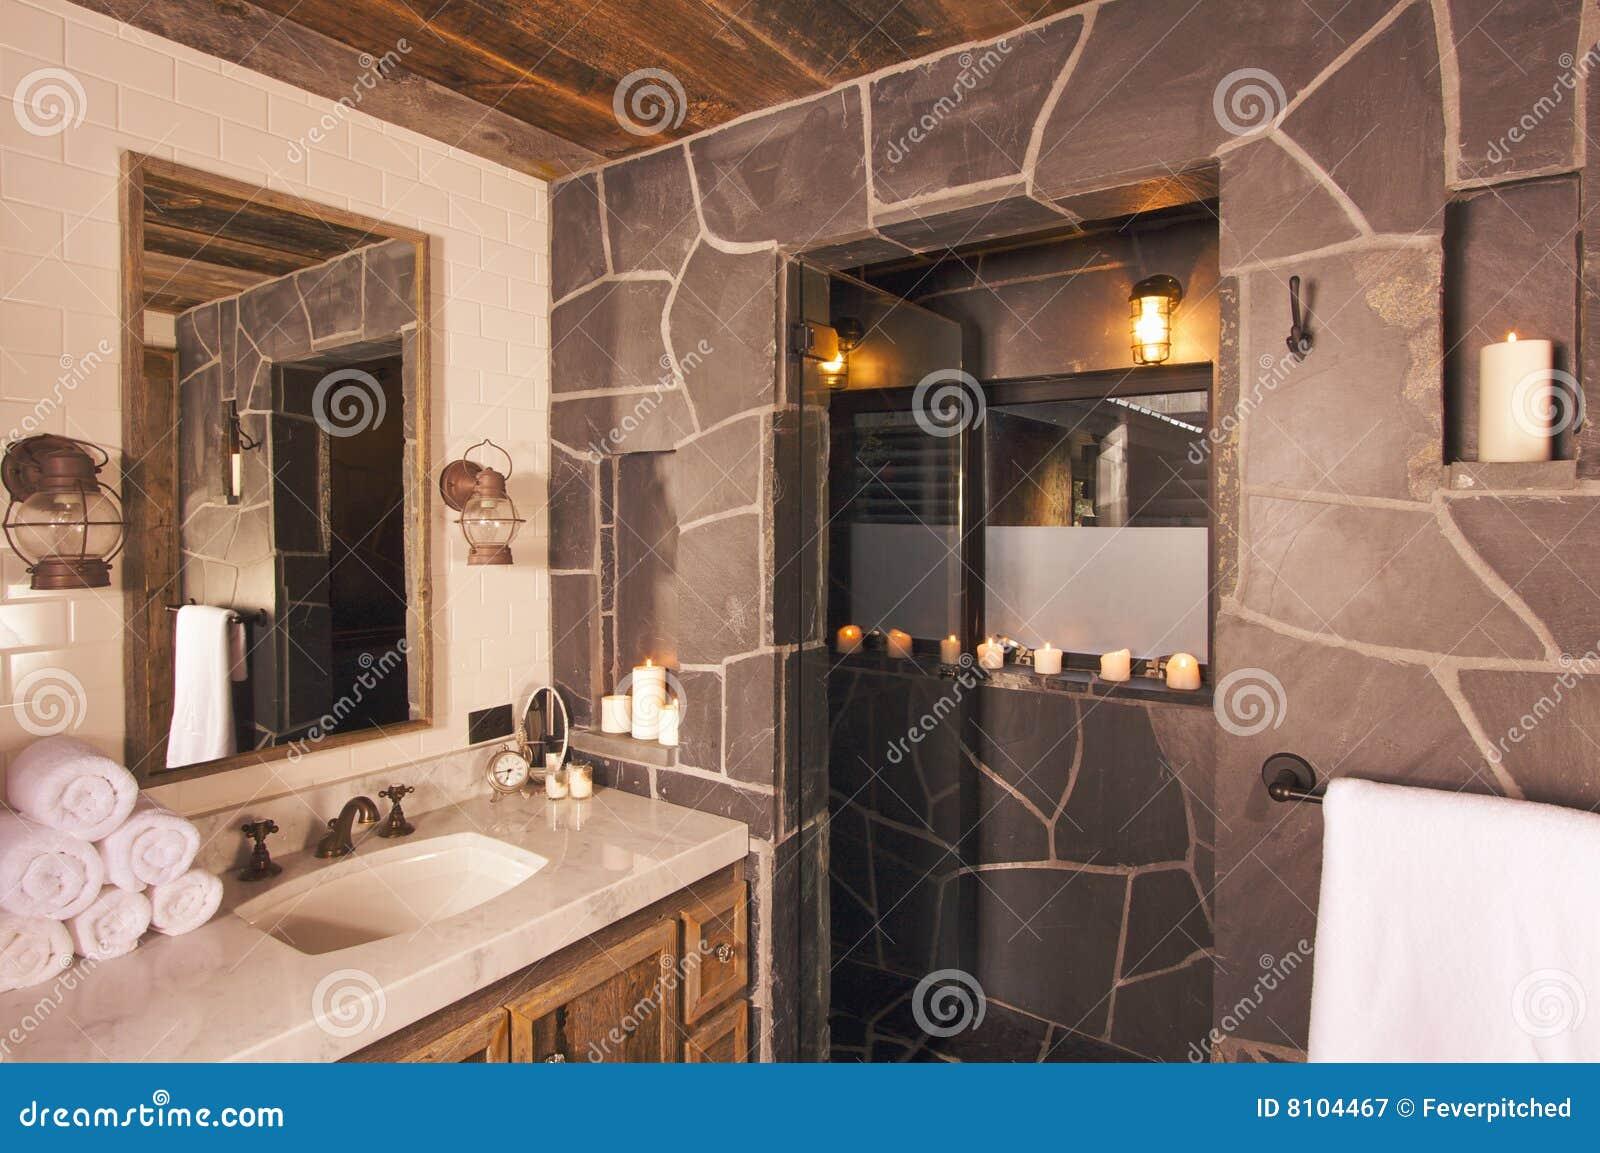 Imagens de #82A328 Banheiro rústico luxuoso com as lâmpadas de mineração no ajuste  1300x954 px 3670 Banheiros Rusticos Imagens